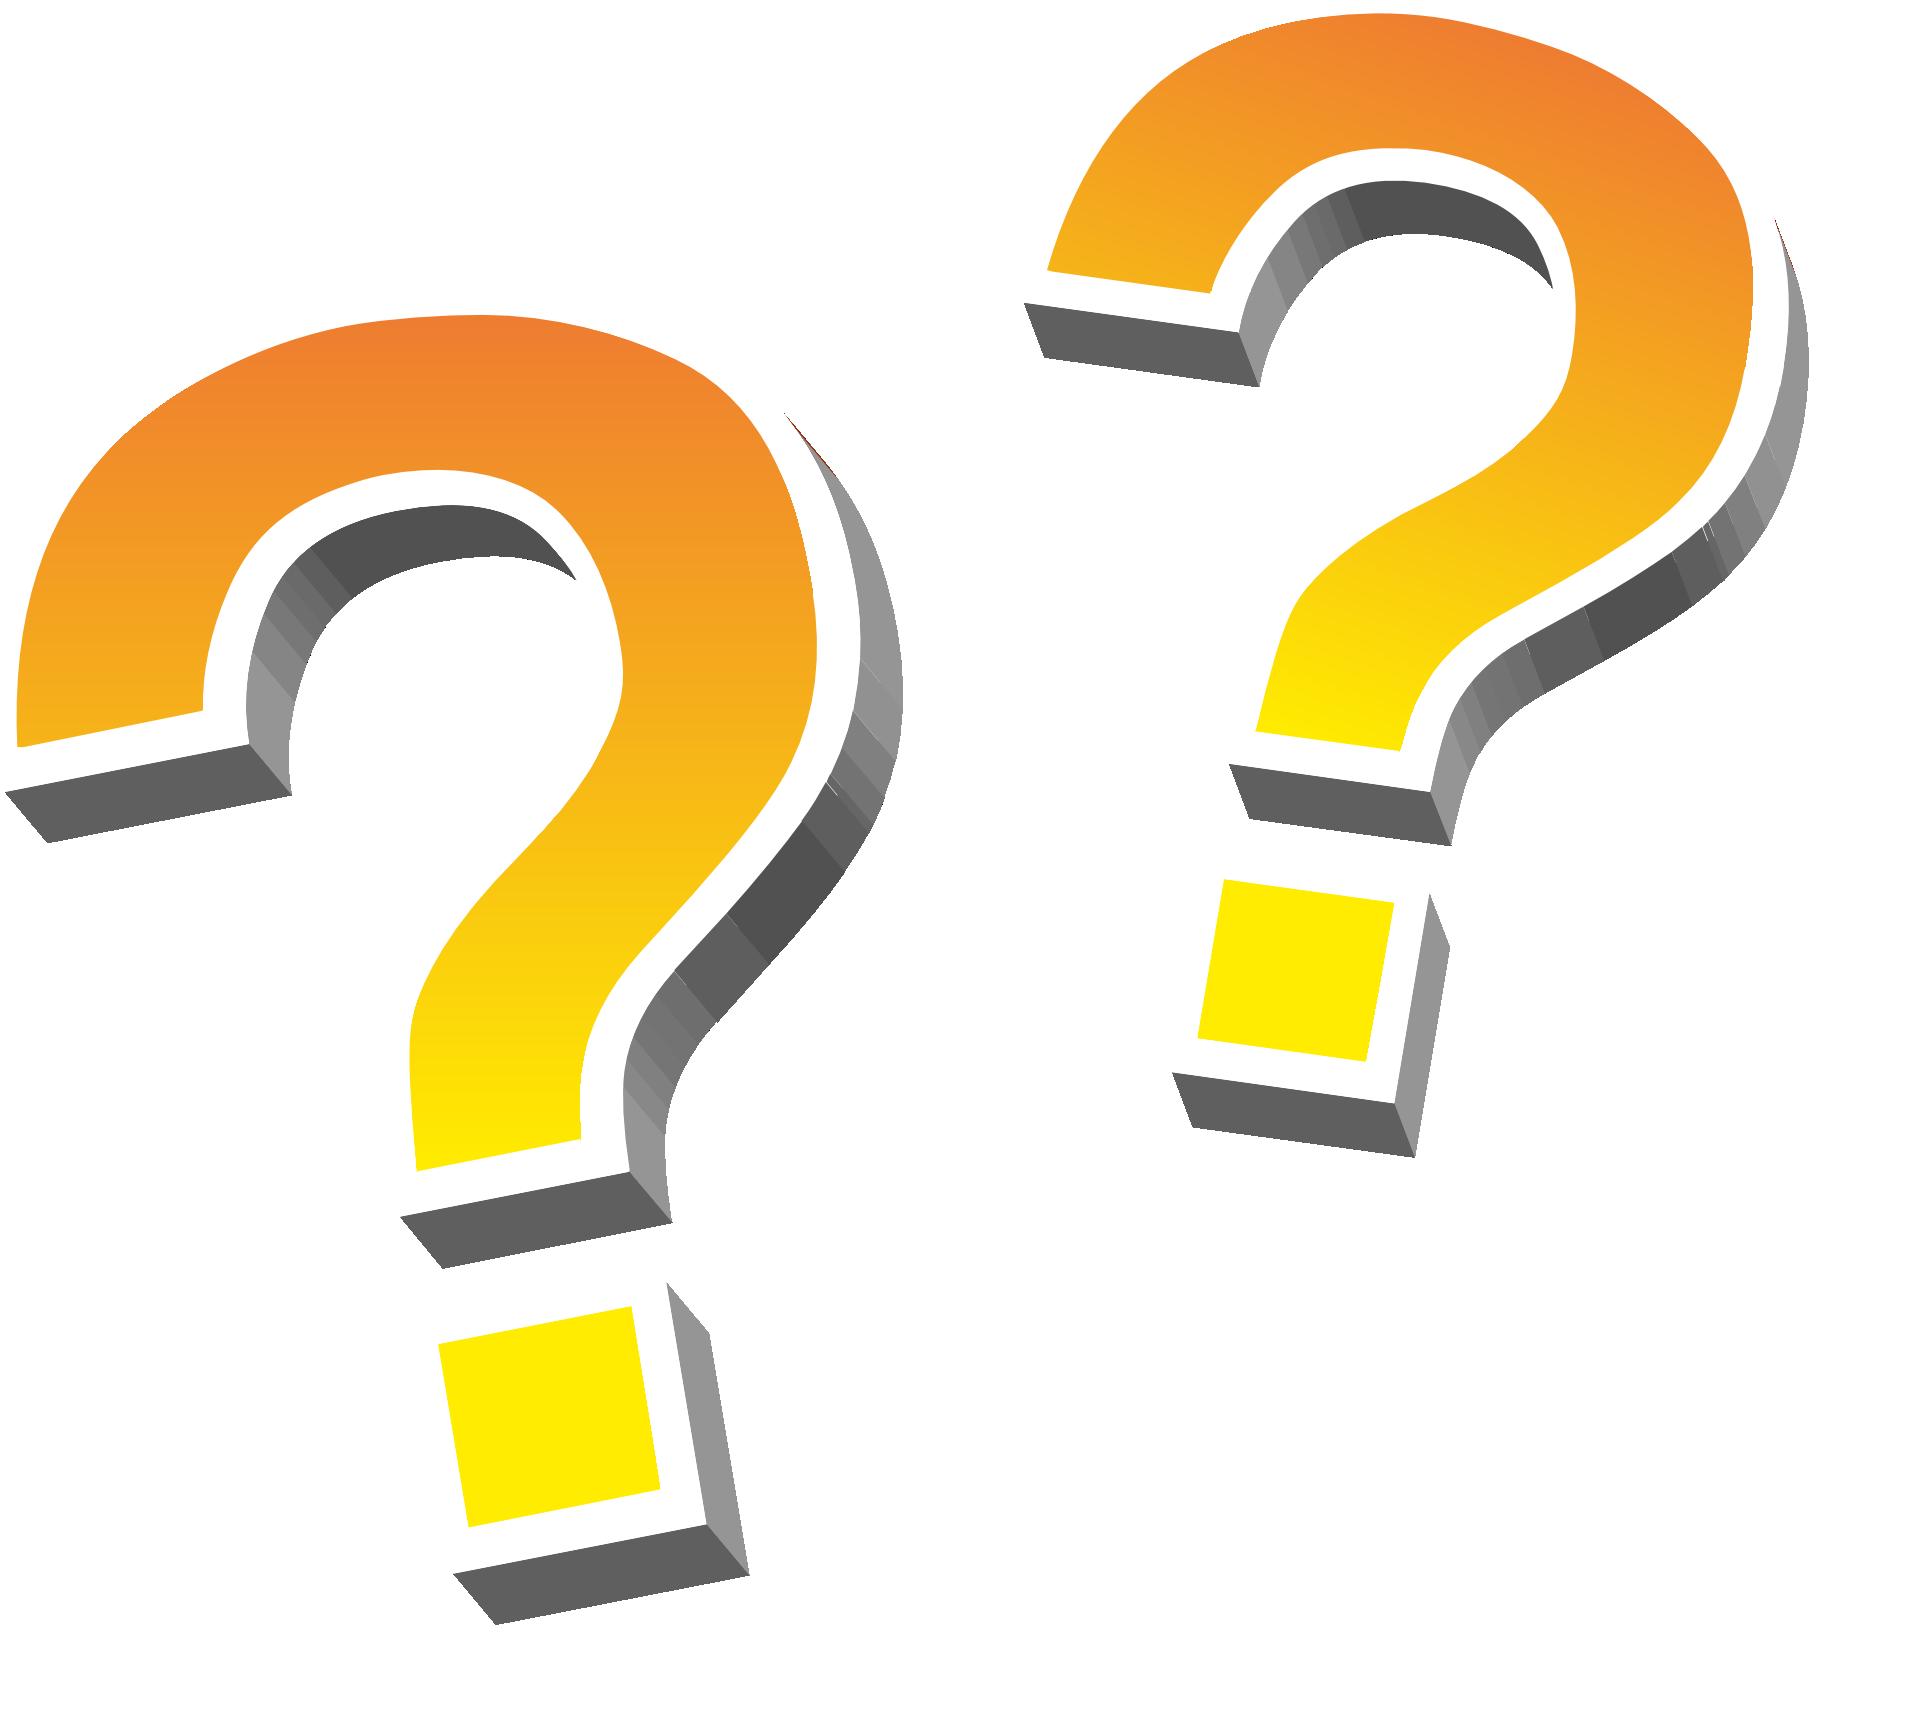 Ankiety w sklepie internetowym – pomagają czy odstraszają klientów? Warto je robić?